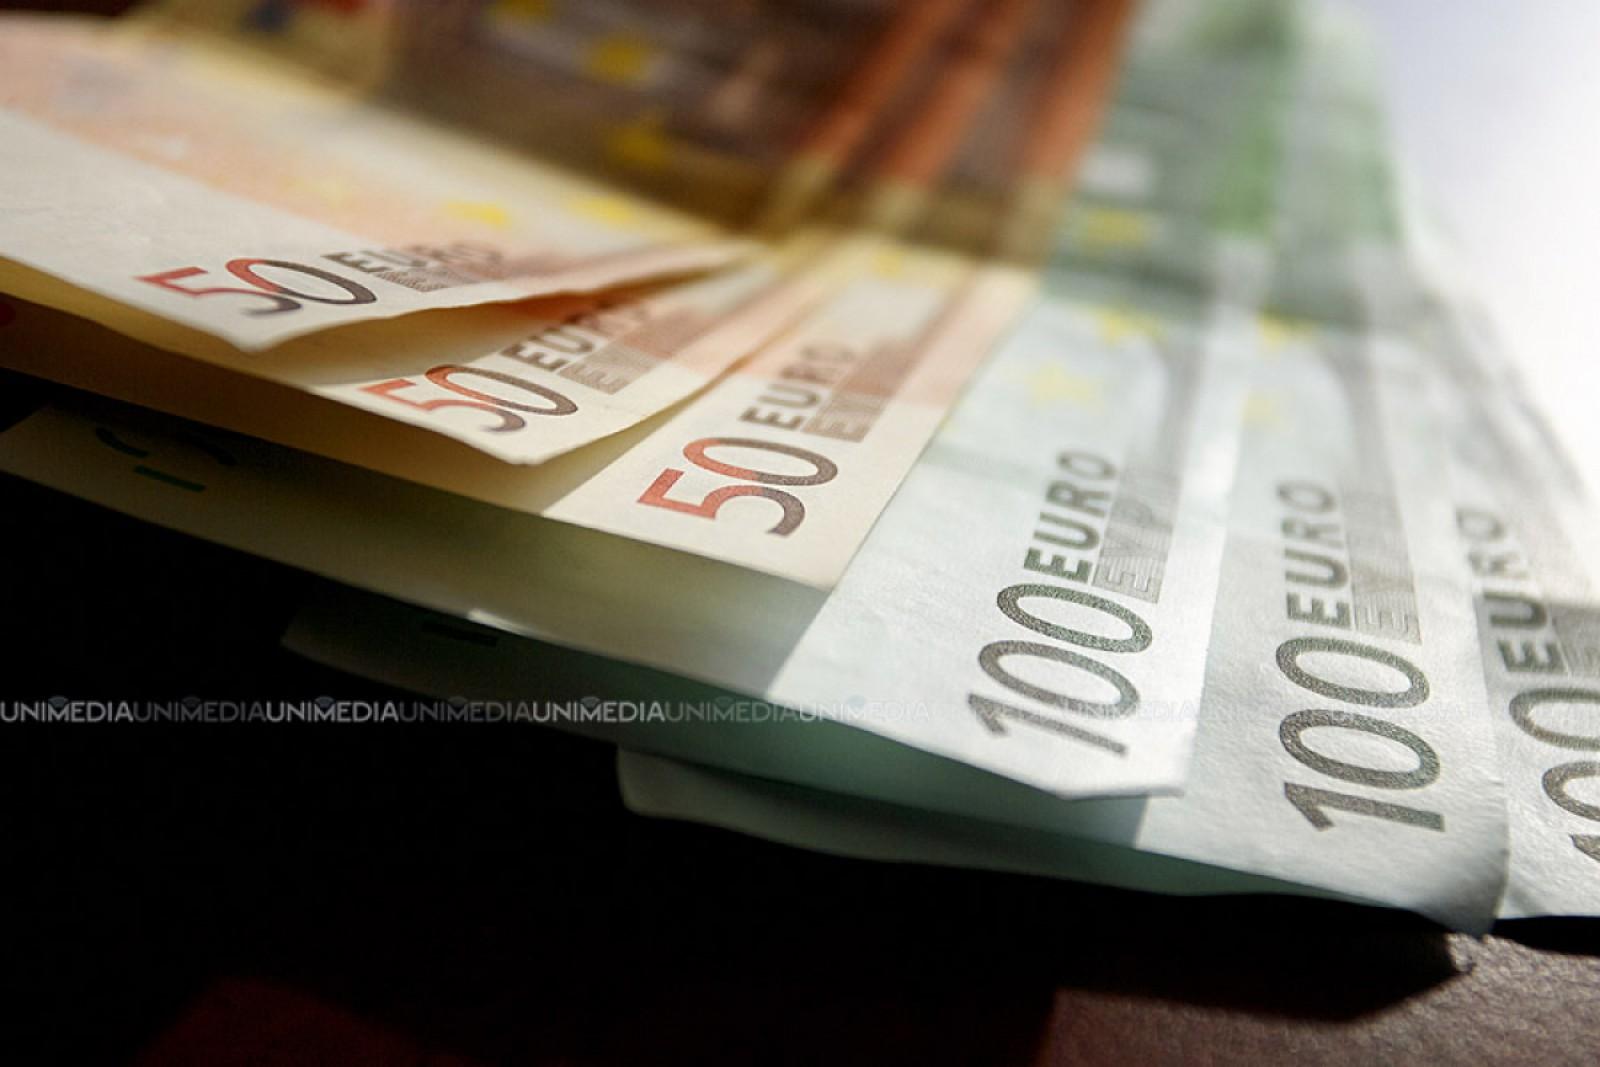 Economia României a crescut cu 7% în anul 2017, depăşind până şi China